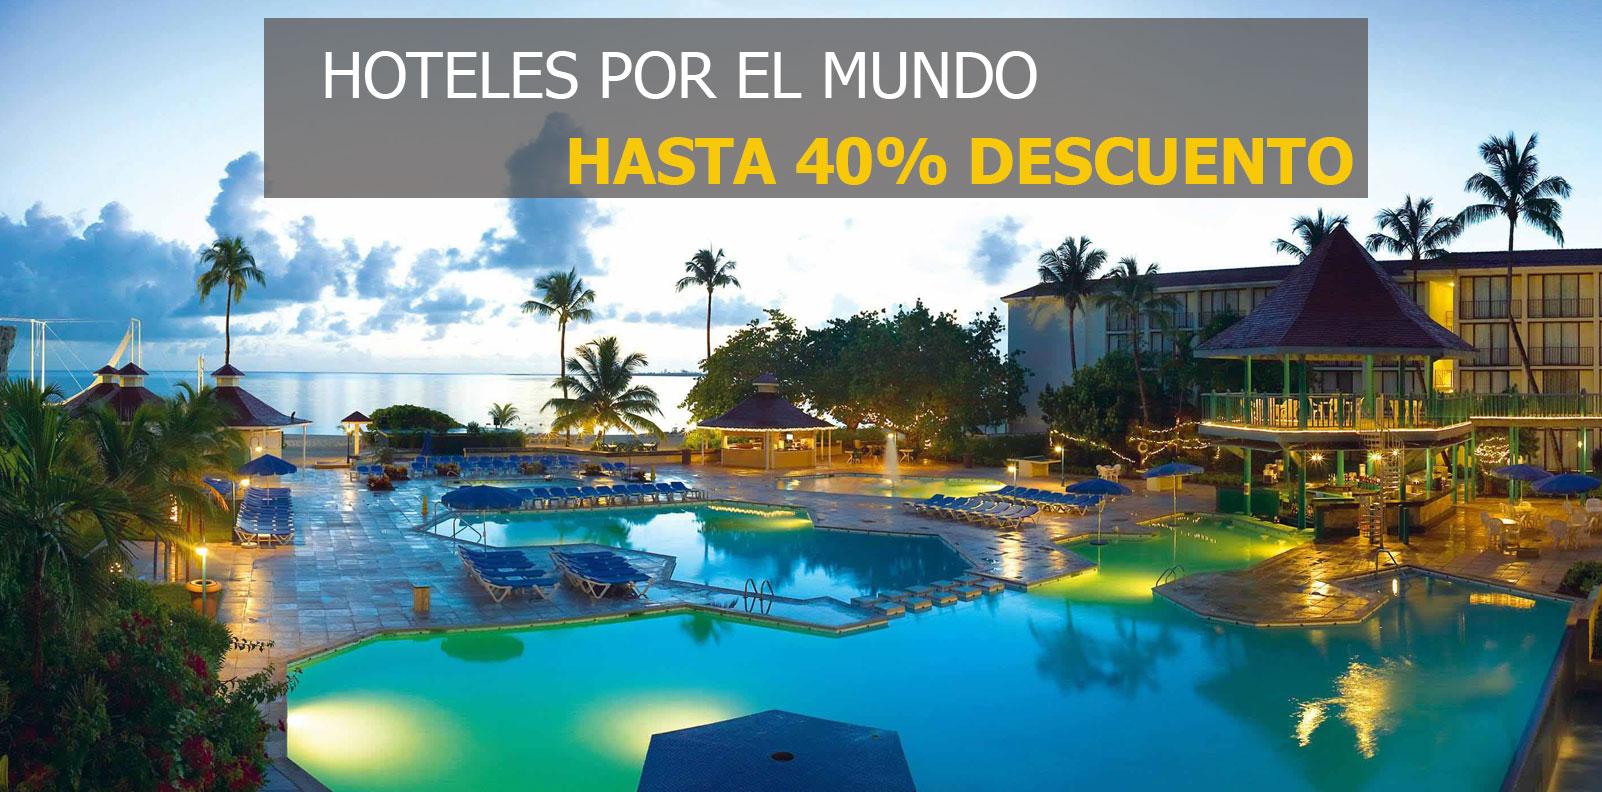 hoteles baratos caribe